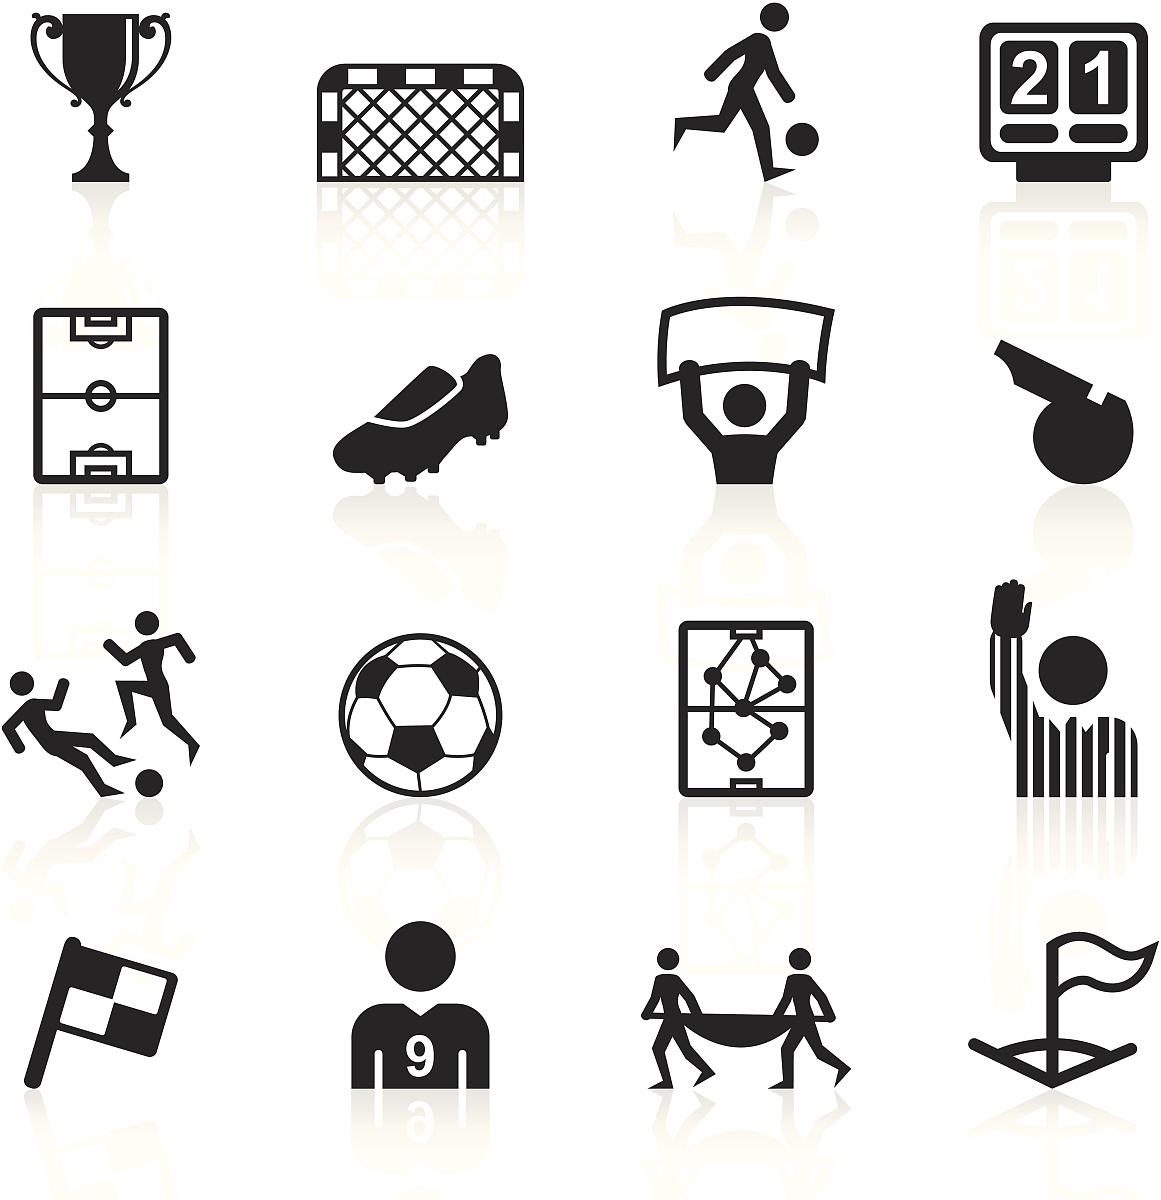 援救,运动,旗帜,团体性运动,足球运动,口哨,裁判,职业,抢断,运动场,角图片